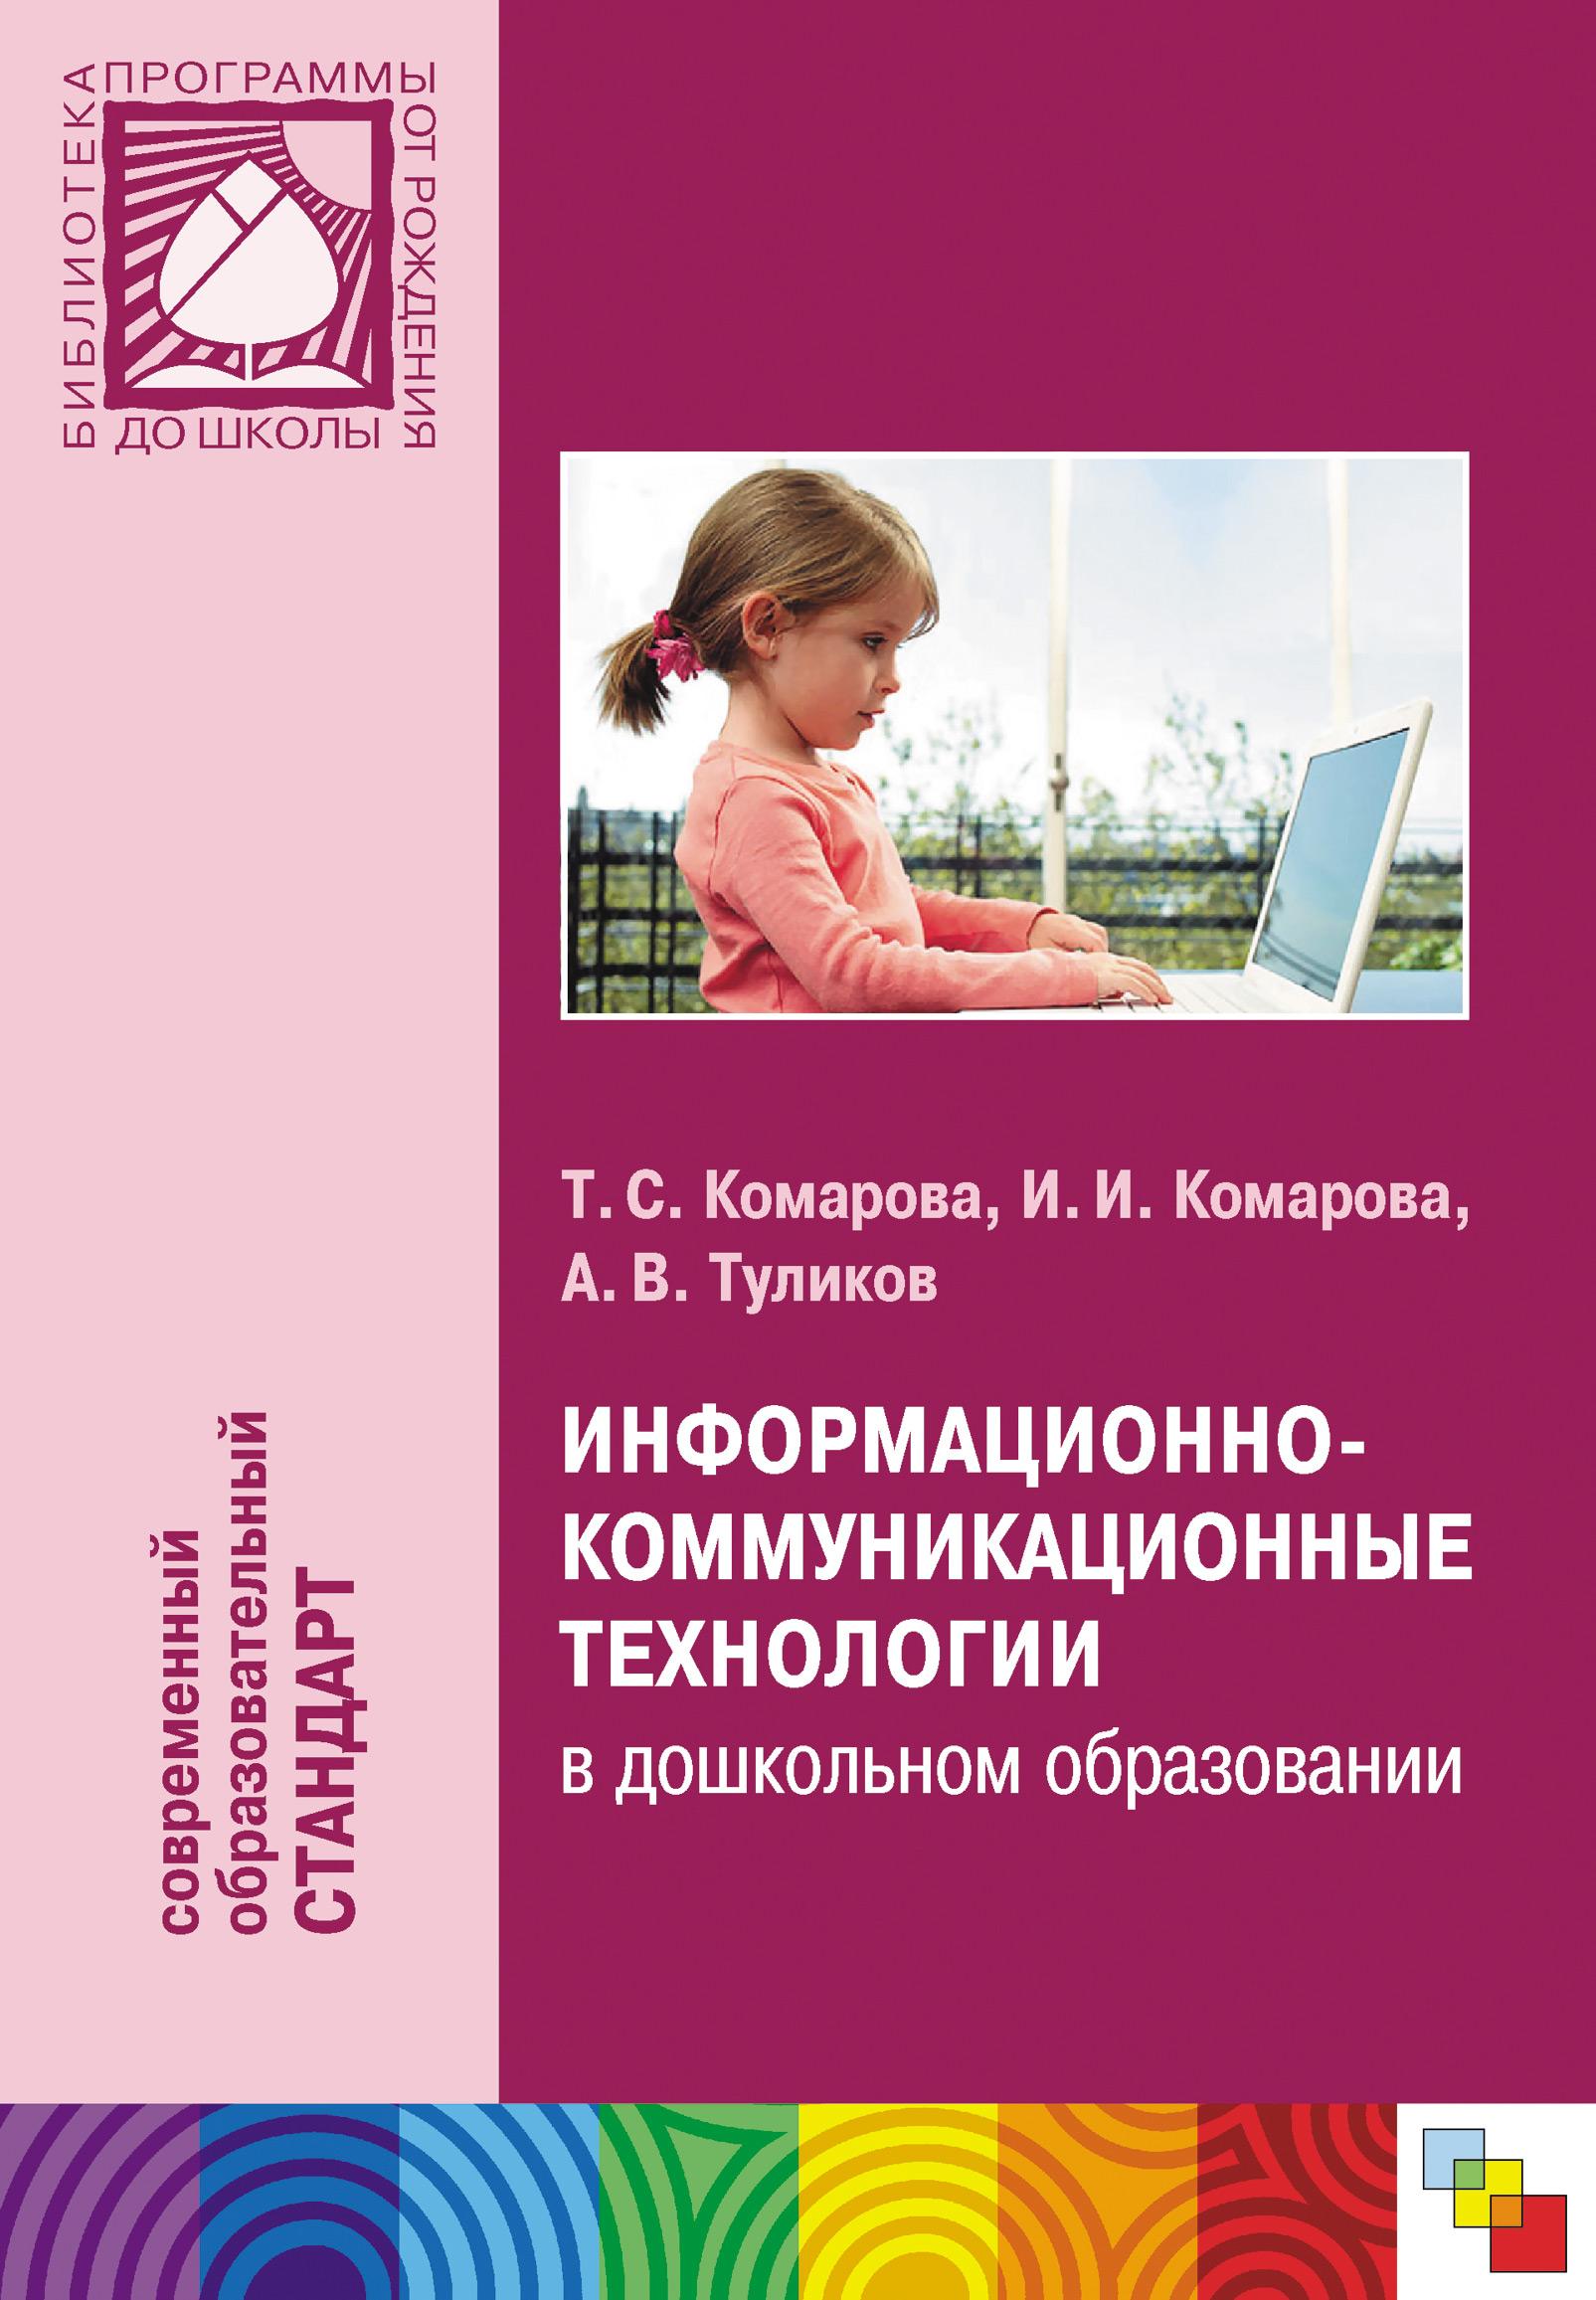 Т. С. Комарова Информационно-коммуникационные технологии в дошкольном образовании майя морозова немецкий язык для пользователей информационно коммуникационных технологий